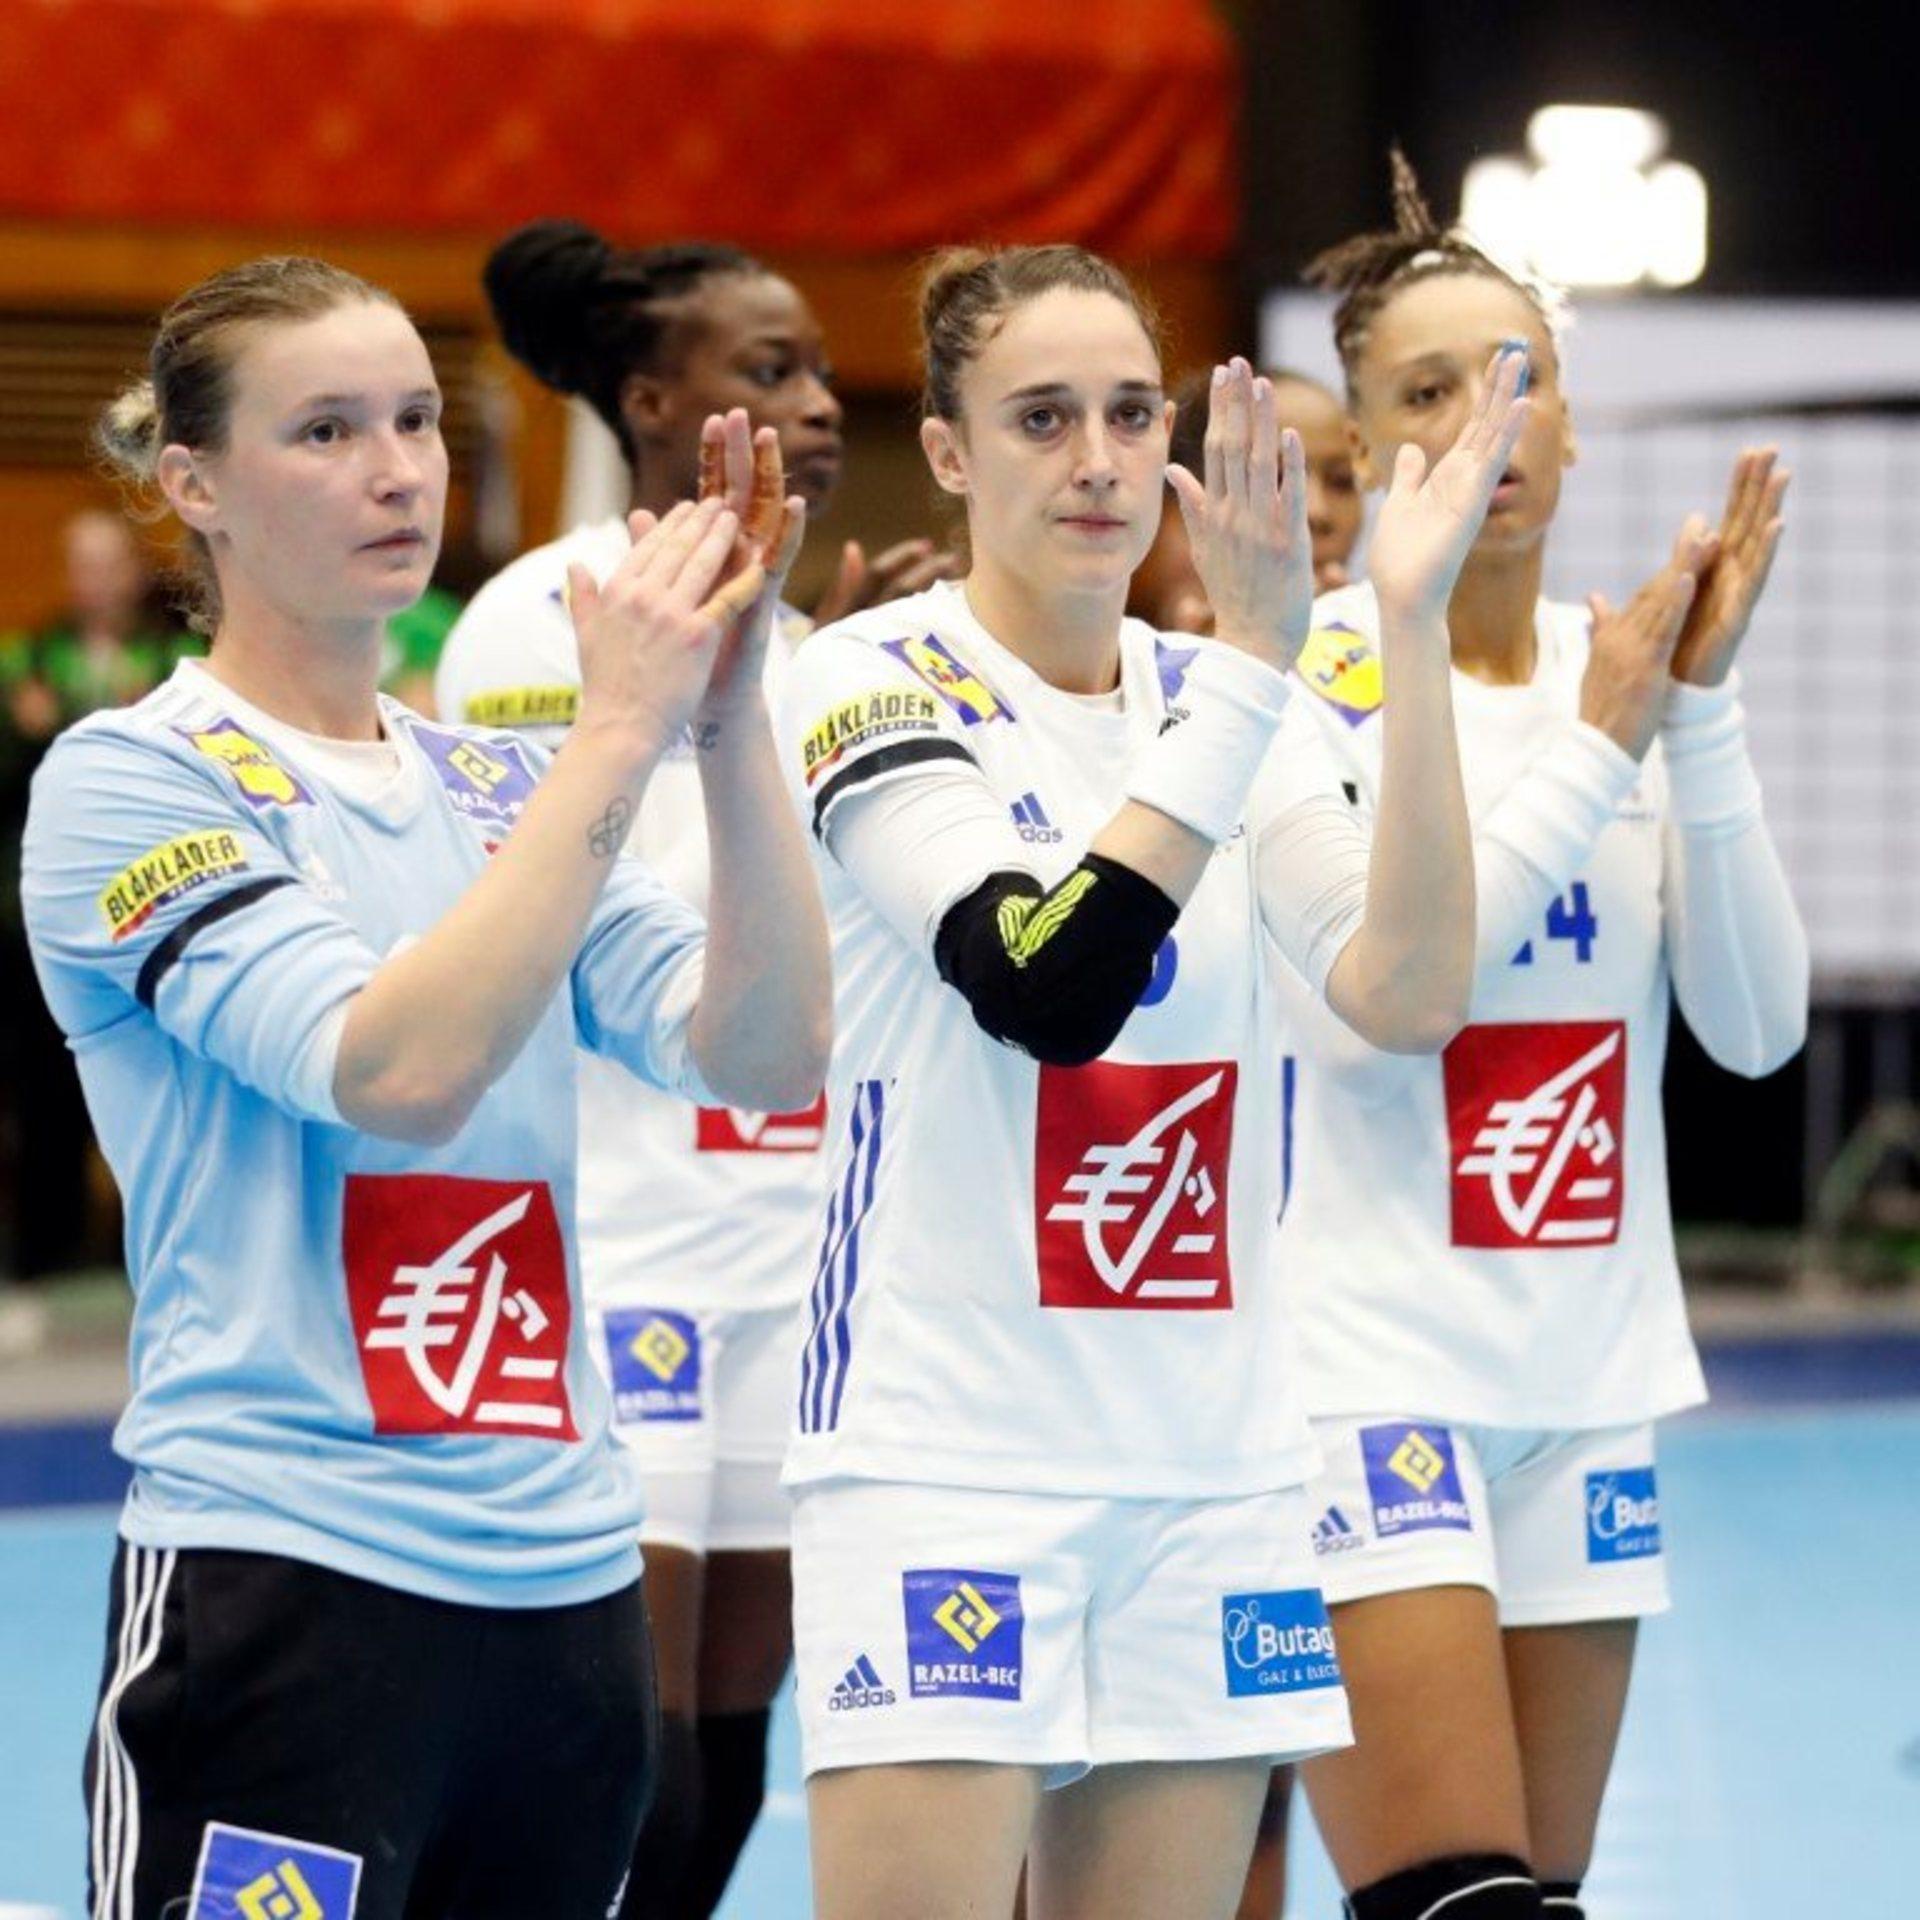 L'équipe de France féminine qui avaient trois longueurs d'avance à la mi-temps, n'ont pas réussi à conclure et concèdent un match nul (19-19) contre le Brésil sur le mondial 2019